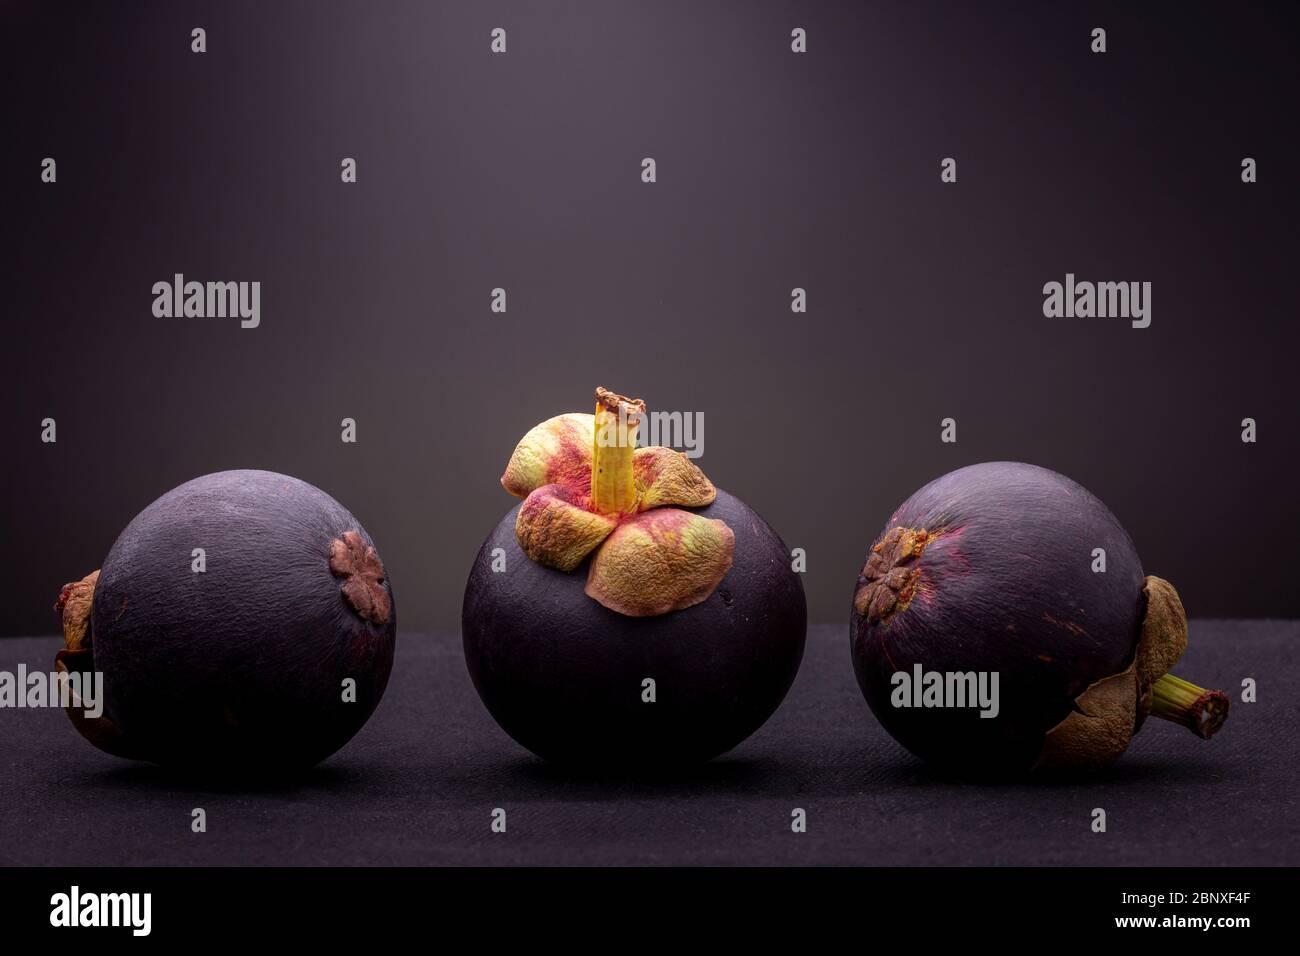 Vous pourrez admirer trois spécimens de fruits mangoustans exotiques rouge-violacé, dont un droit flanqué de deux montrant la partie inférieure. Banque D'Images